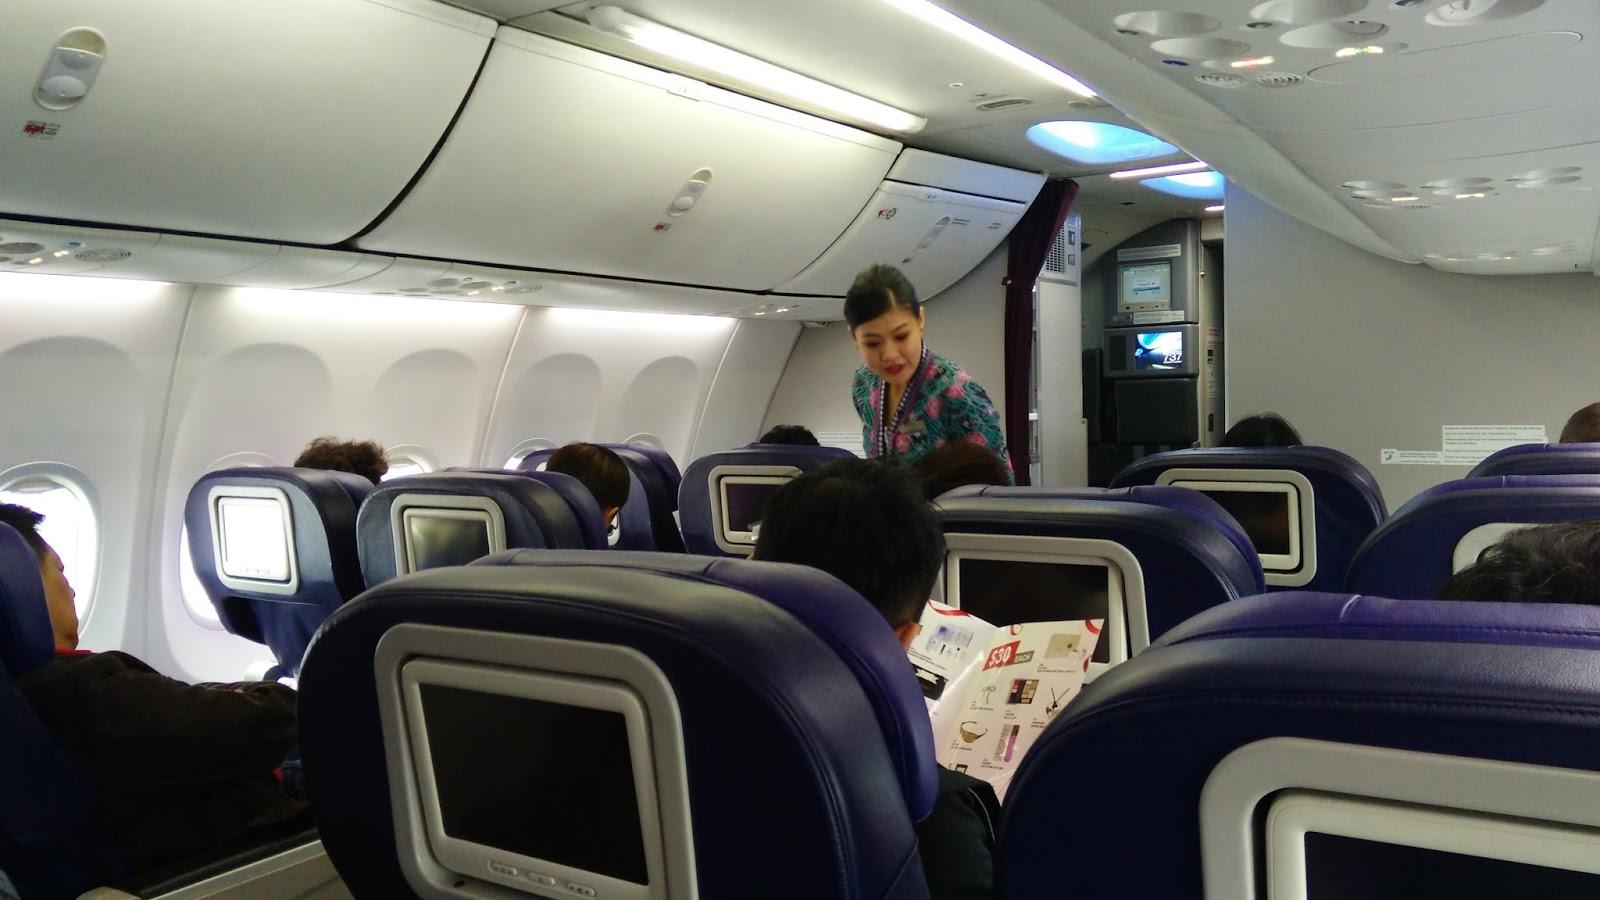 馬航B737-800客機商務艙僅四排共16個座位,座椅空間跟豪華遊覽車一樣。